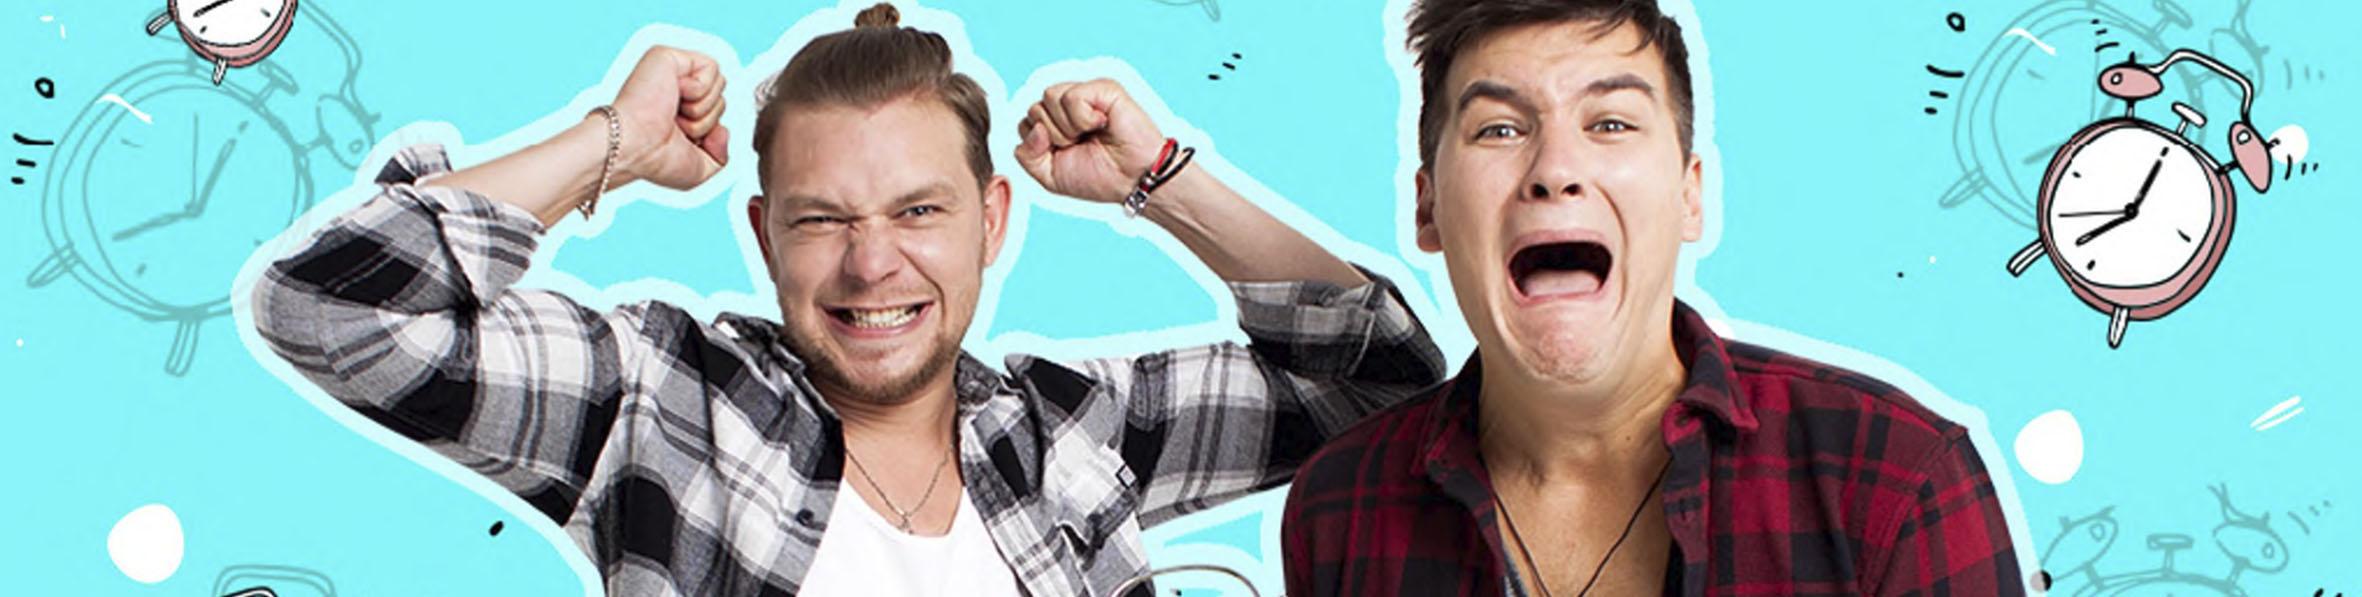 Реклама на LOVE радио в Пятигорске 106.6